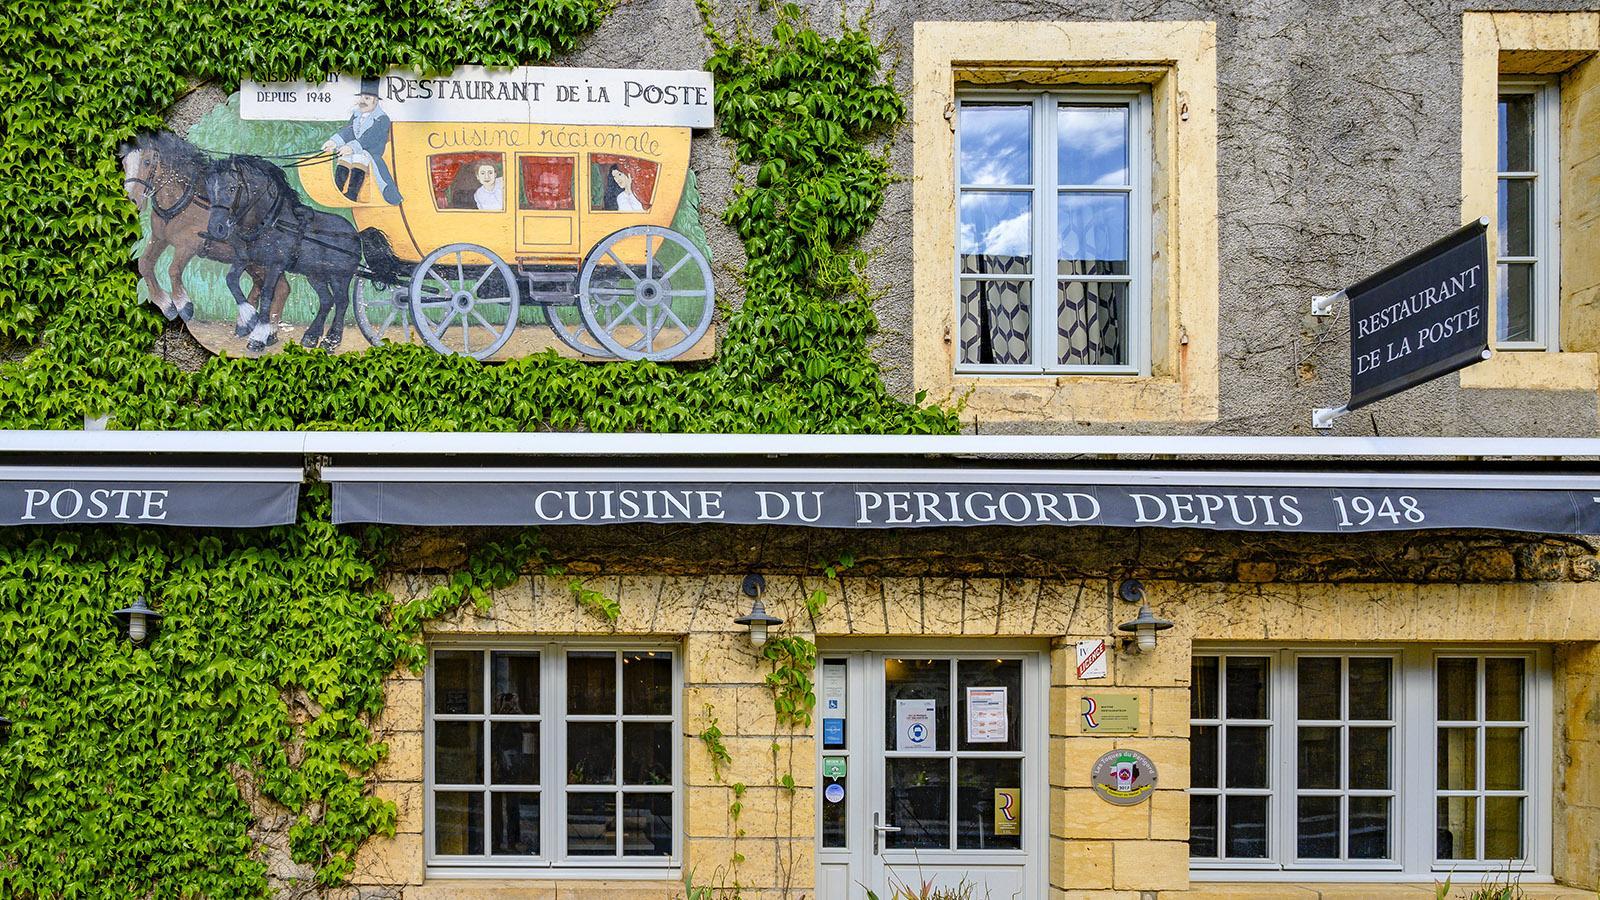 Das Restaurant de la Poste ist seit 1948 eine beliebte wie gute Adresse. Foto: Hilke Maunder